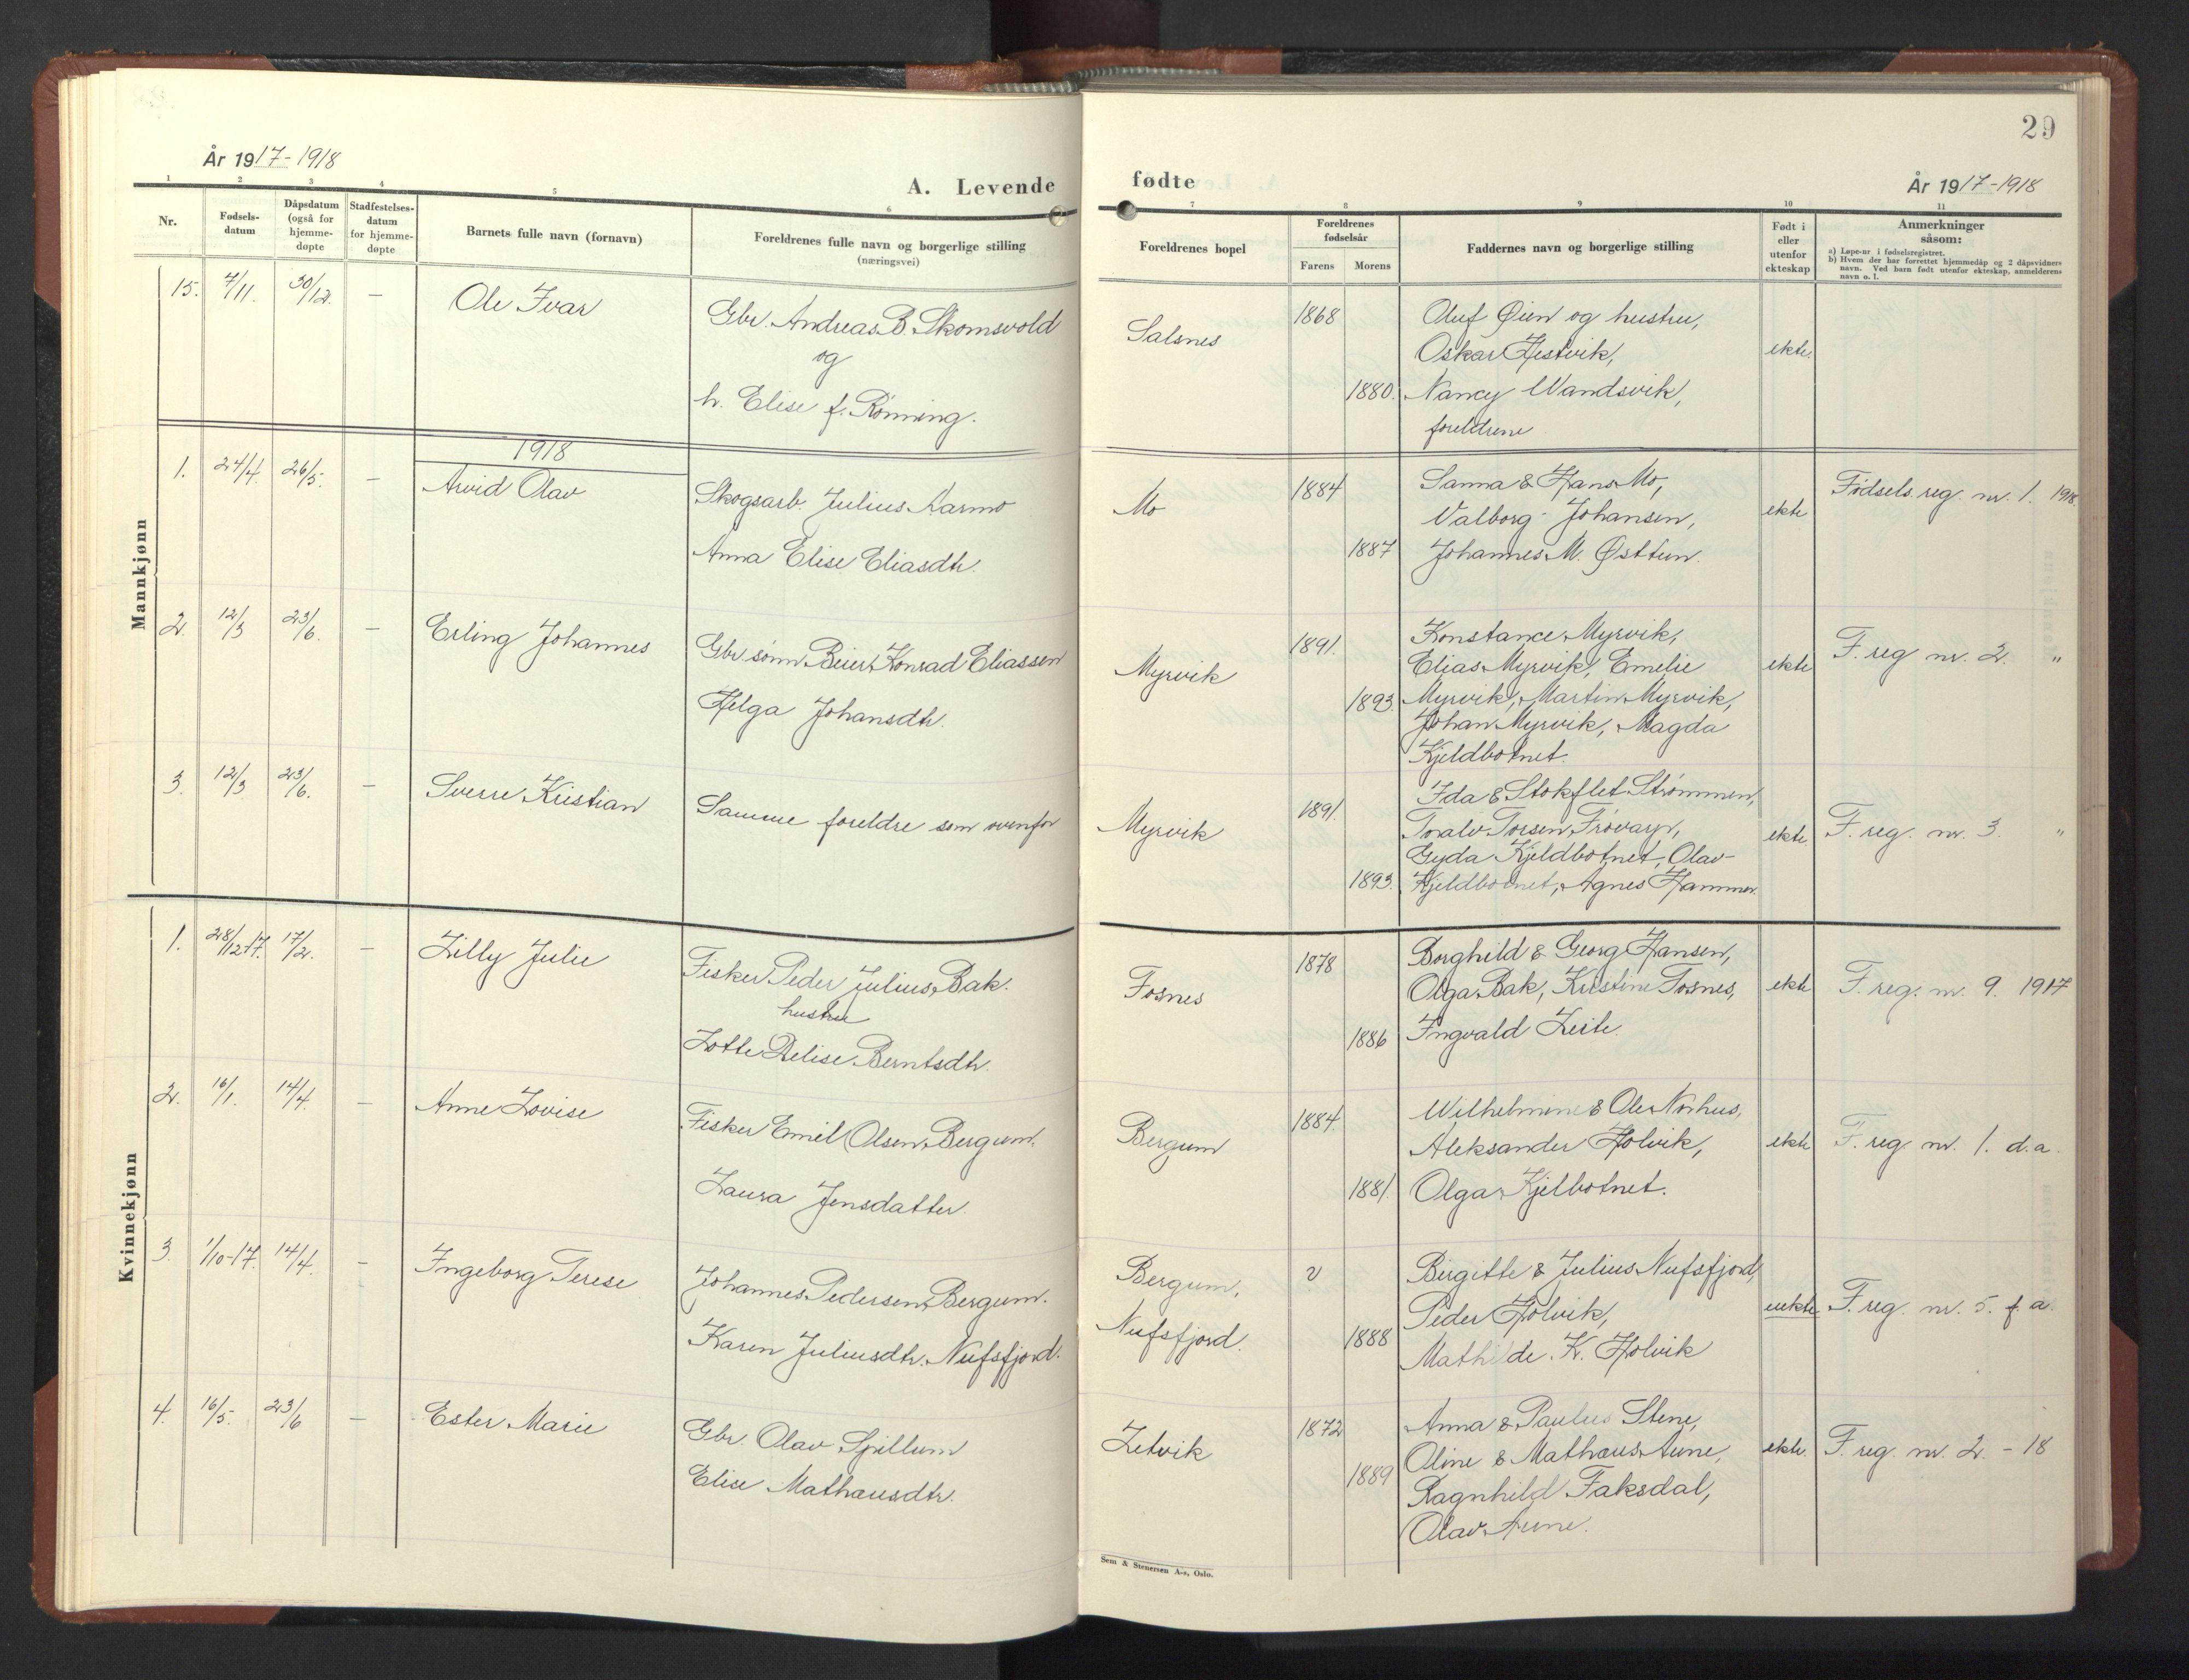 SAT, Ministerialprotokoller, klokkerbøker og fødselsregistre - Nord-Trøndelag, 773/L0625: Klokkerbok nr. 773C01, 1910-1952, s. 29